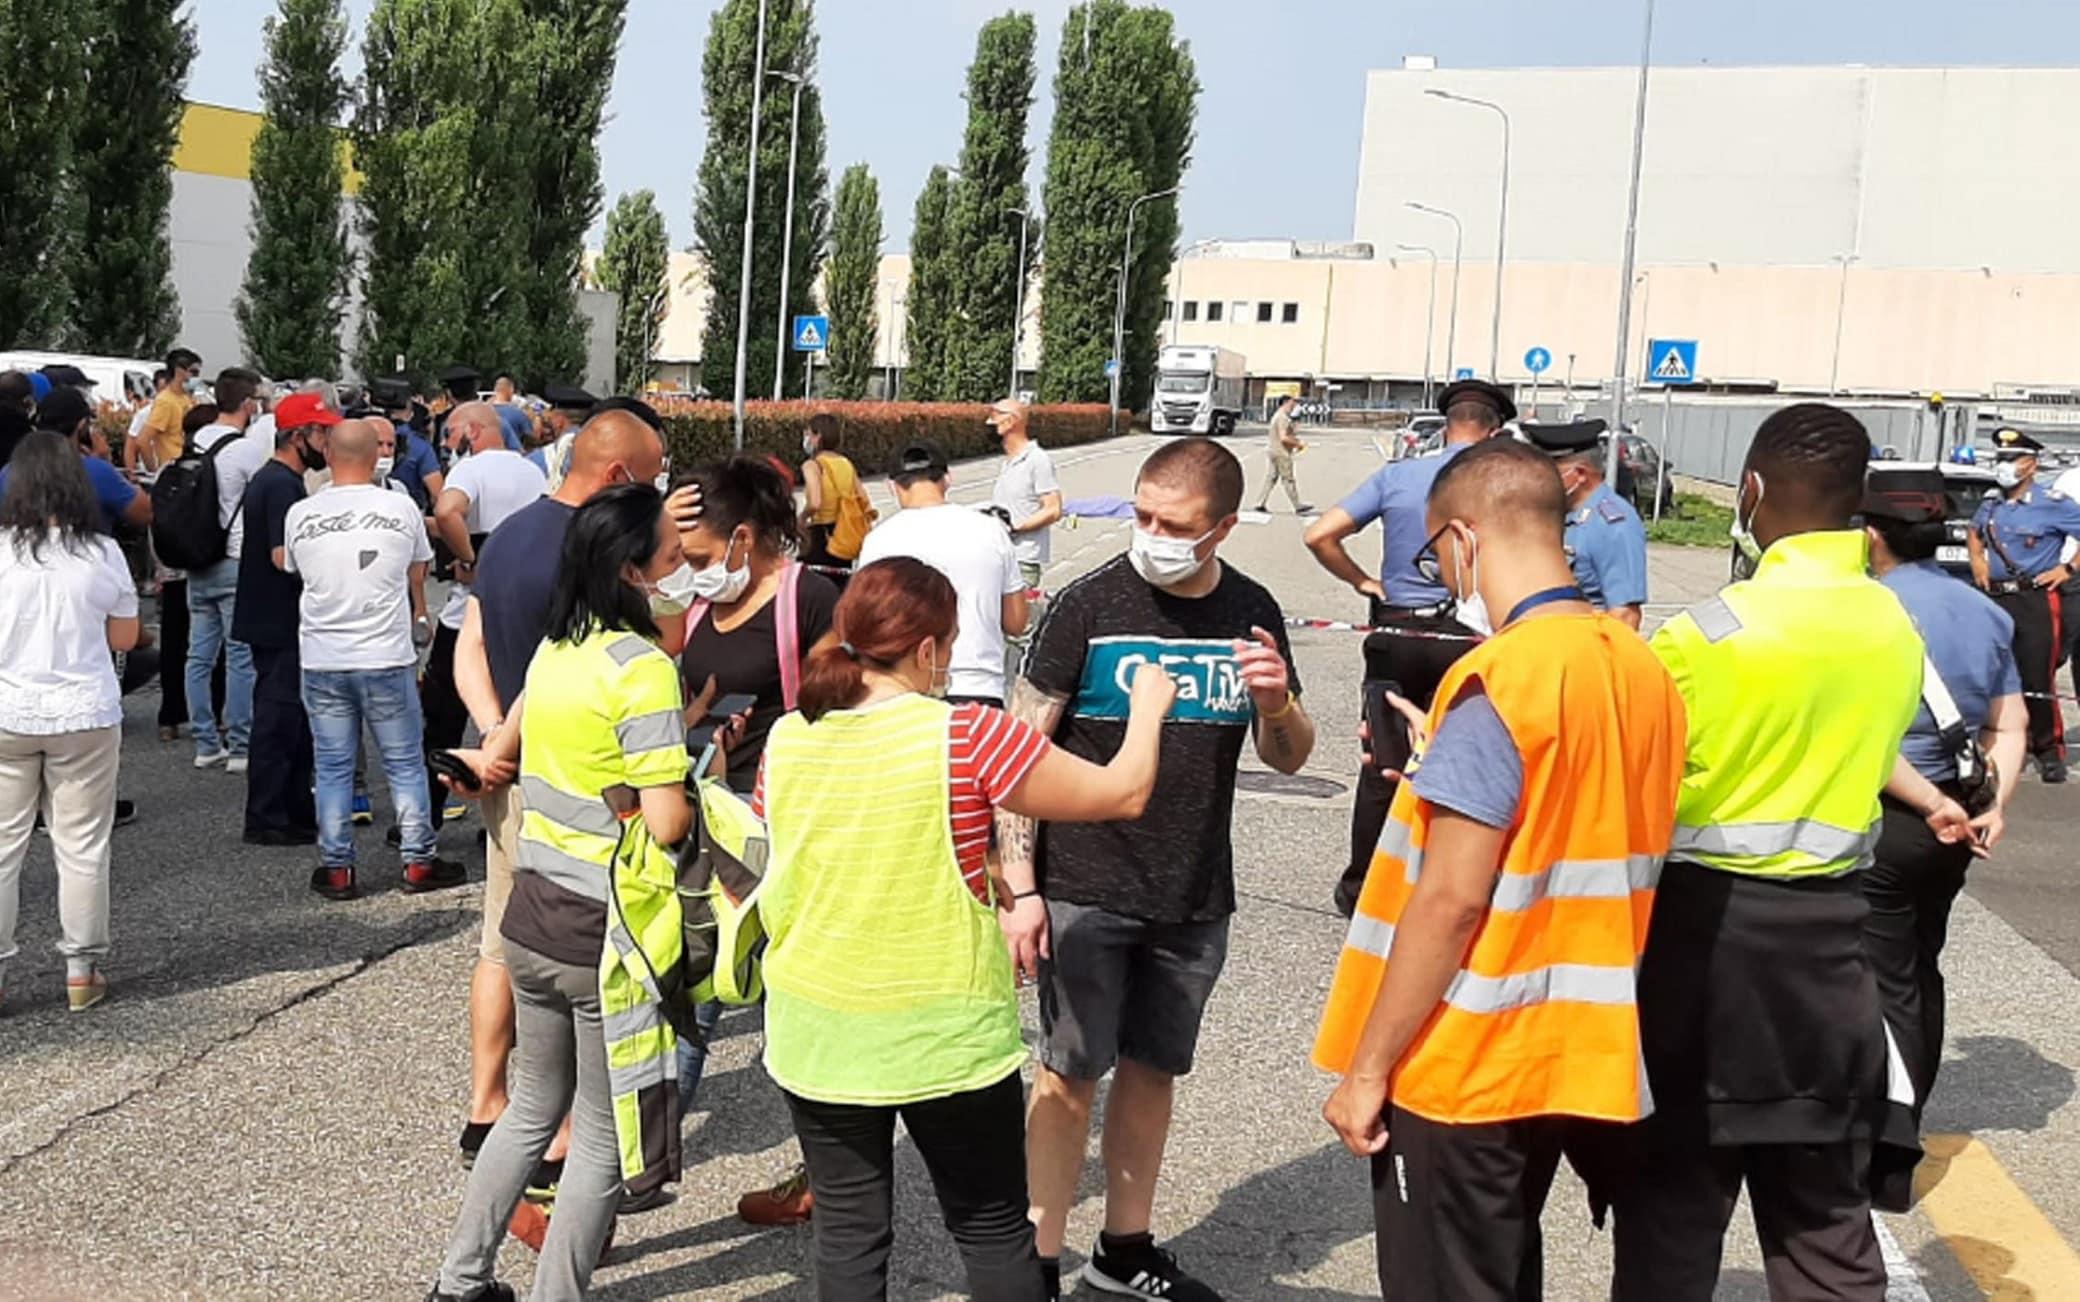 Tragedia a Biandrate: muore 37enne investito da un camion durante manifestazione